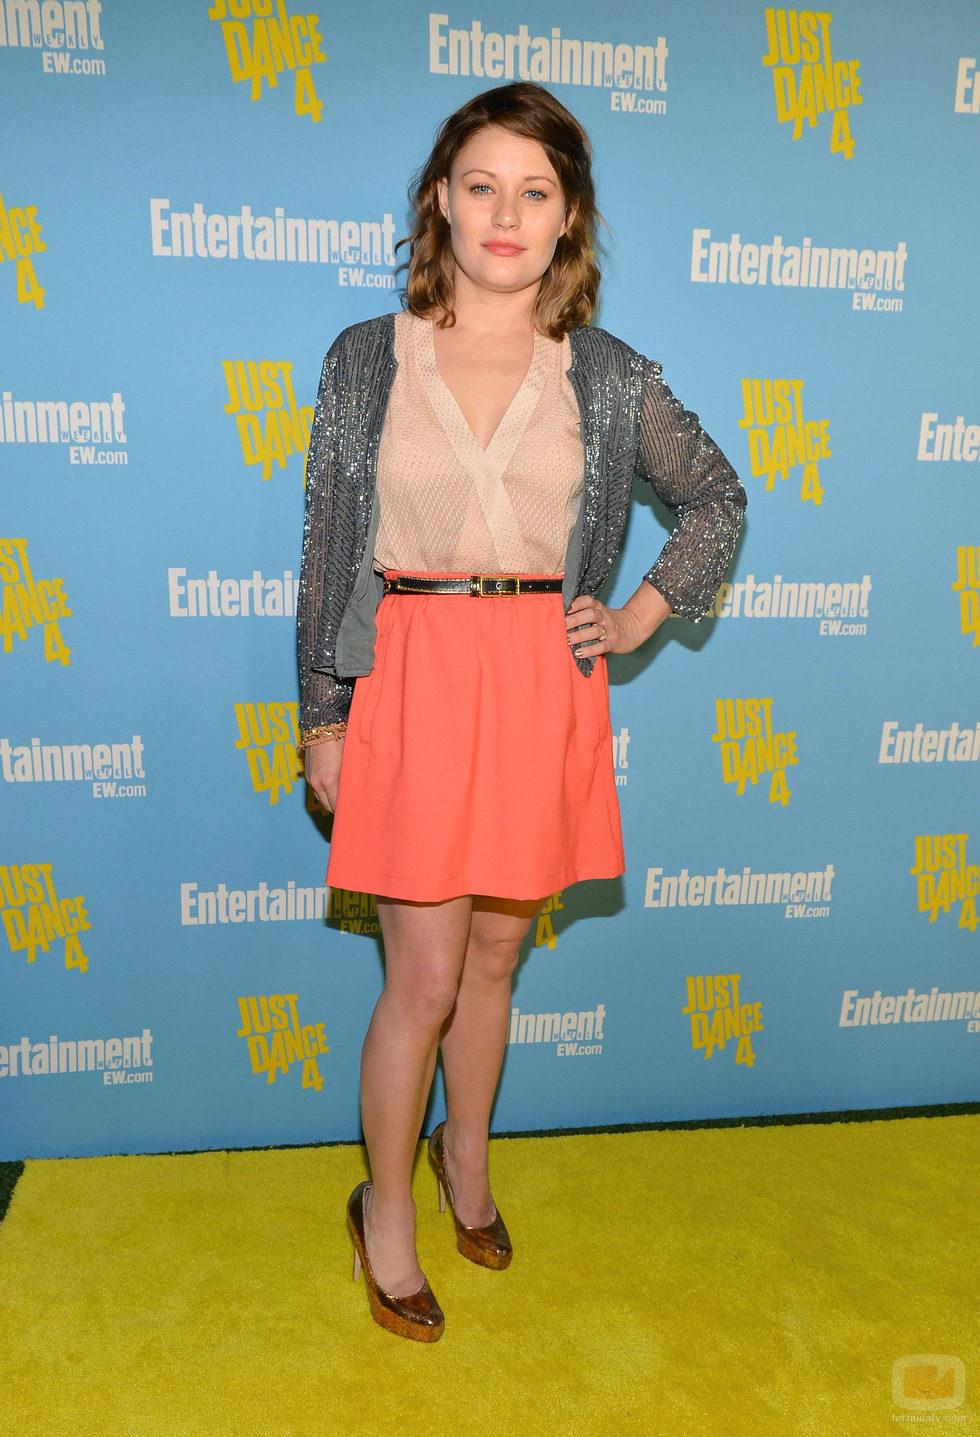 Emilie de Ravin de 'Once Upon a Time' en la Comic-Con 2012